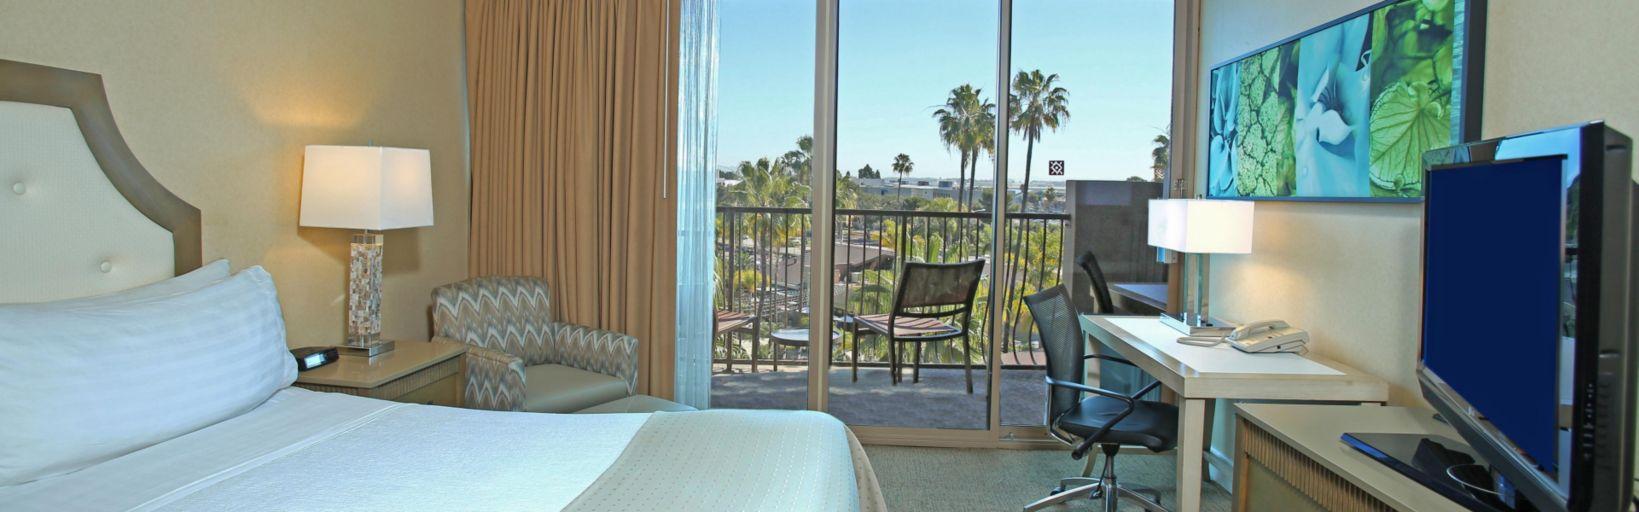 Holiday Inn San Diego Hotels | Holiday Inn San Diego - Bayside ...